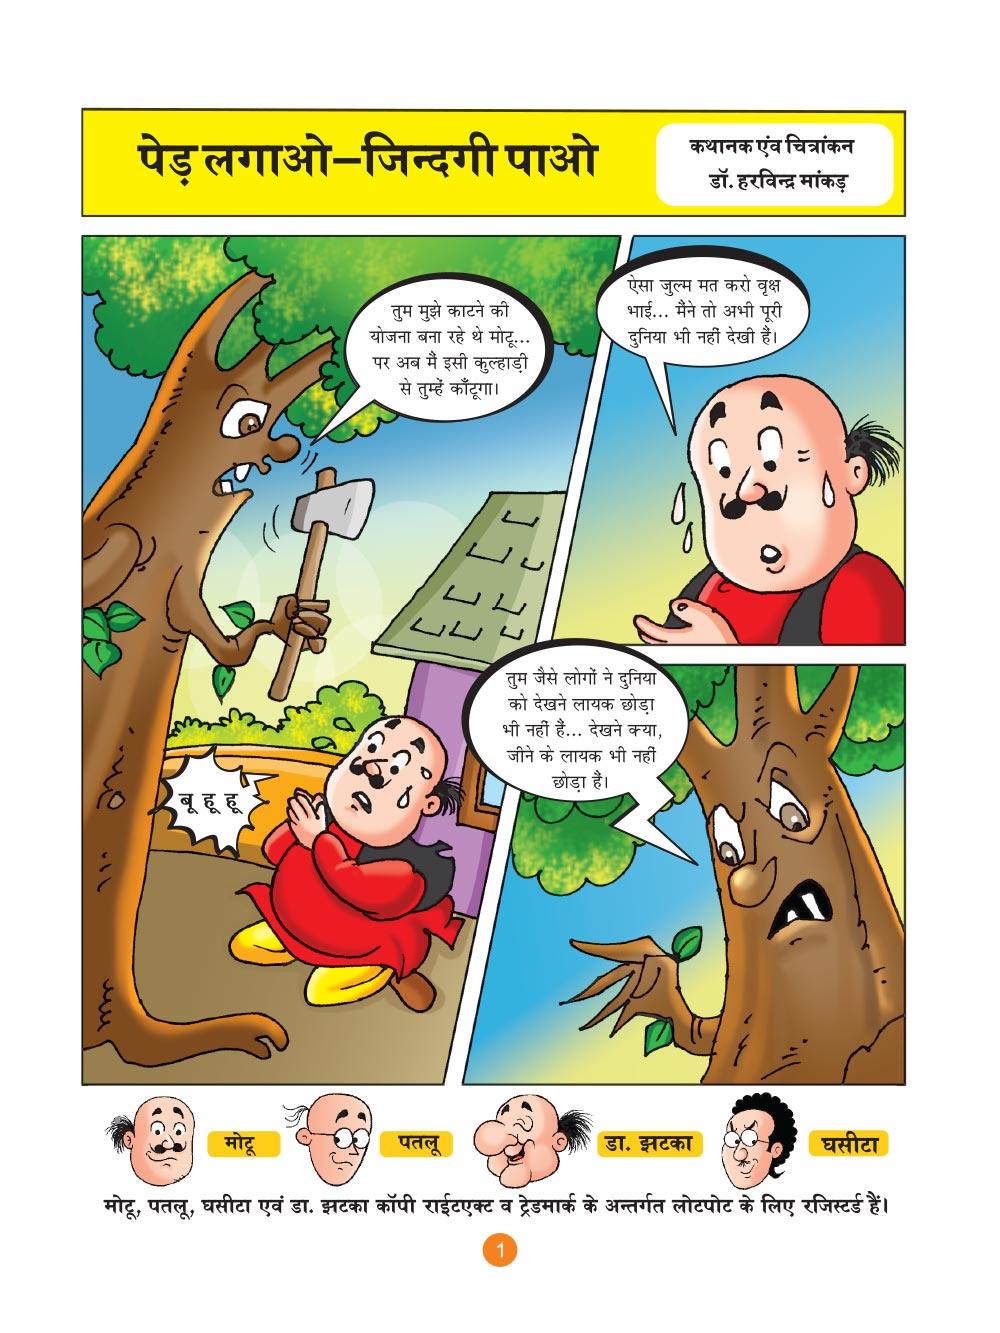 मोटू पतलू की कॉमिक्स- (Motu Patlu Ki Comics) पेड़ लगाओ, जिन्दगी पाओ: